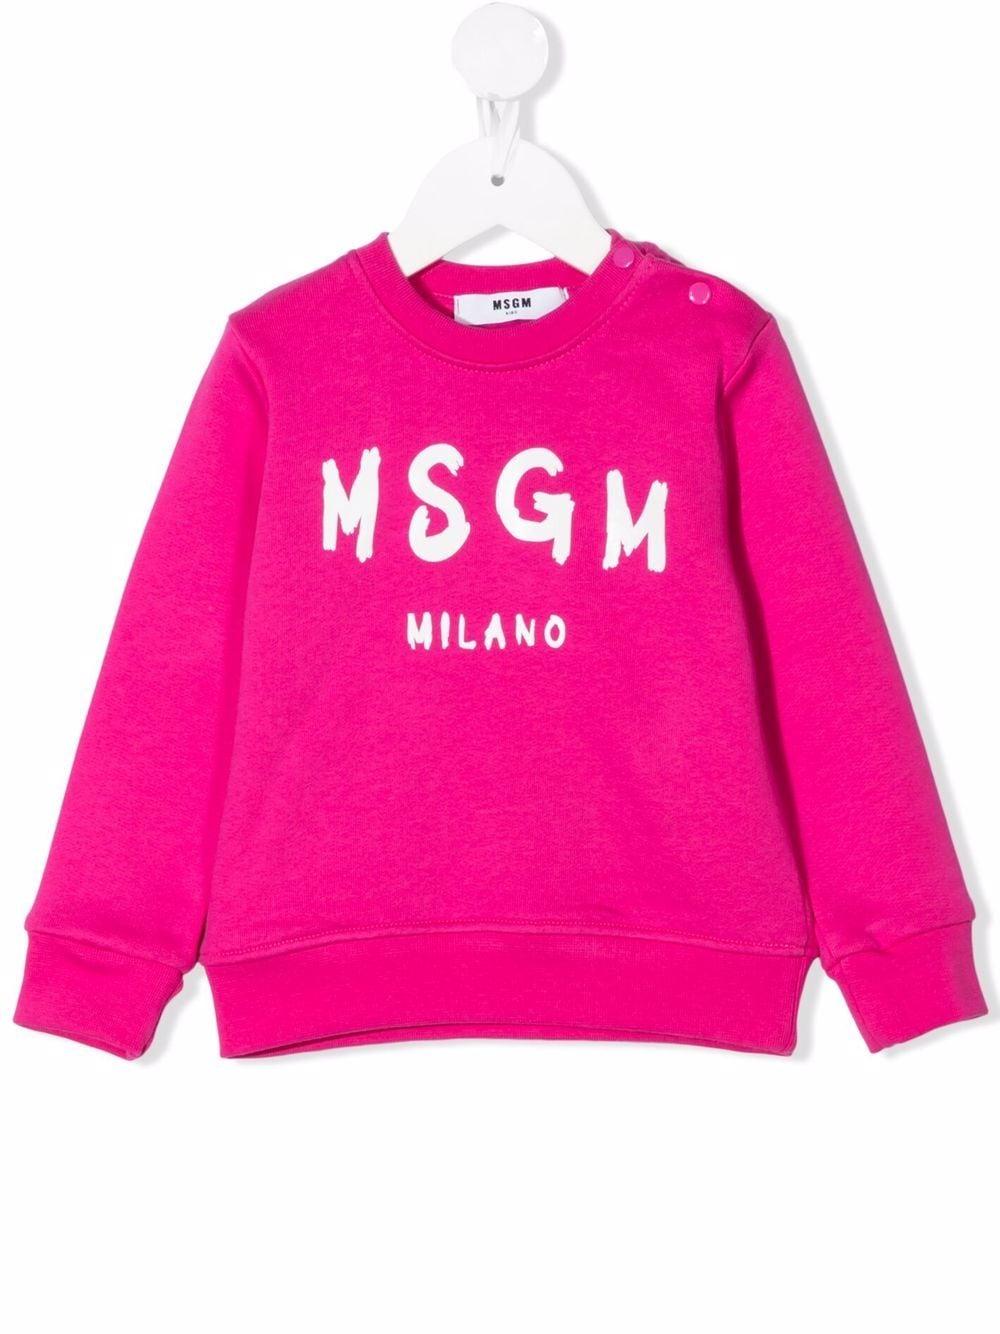 FELPA LOGO MSGM kids | Felpa | MS027872044